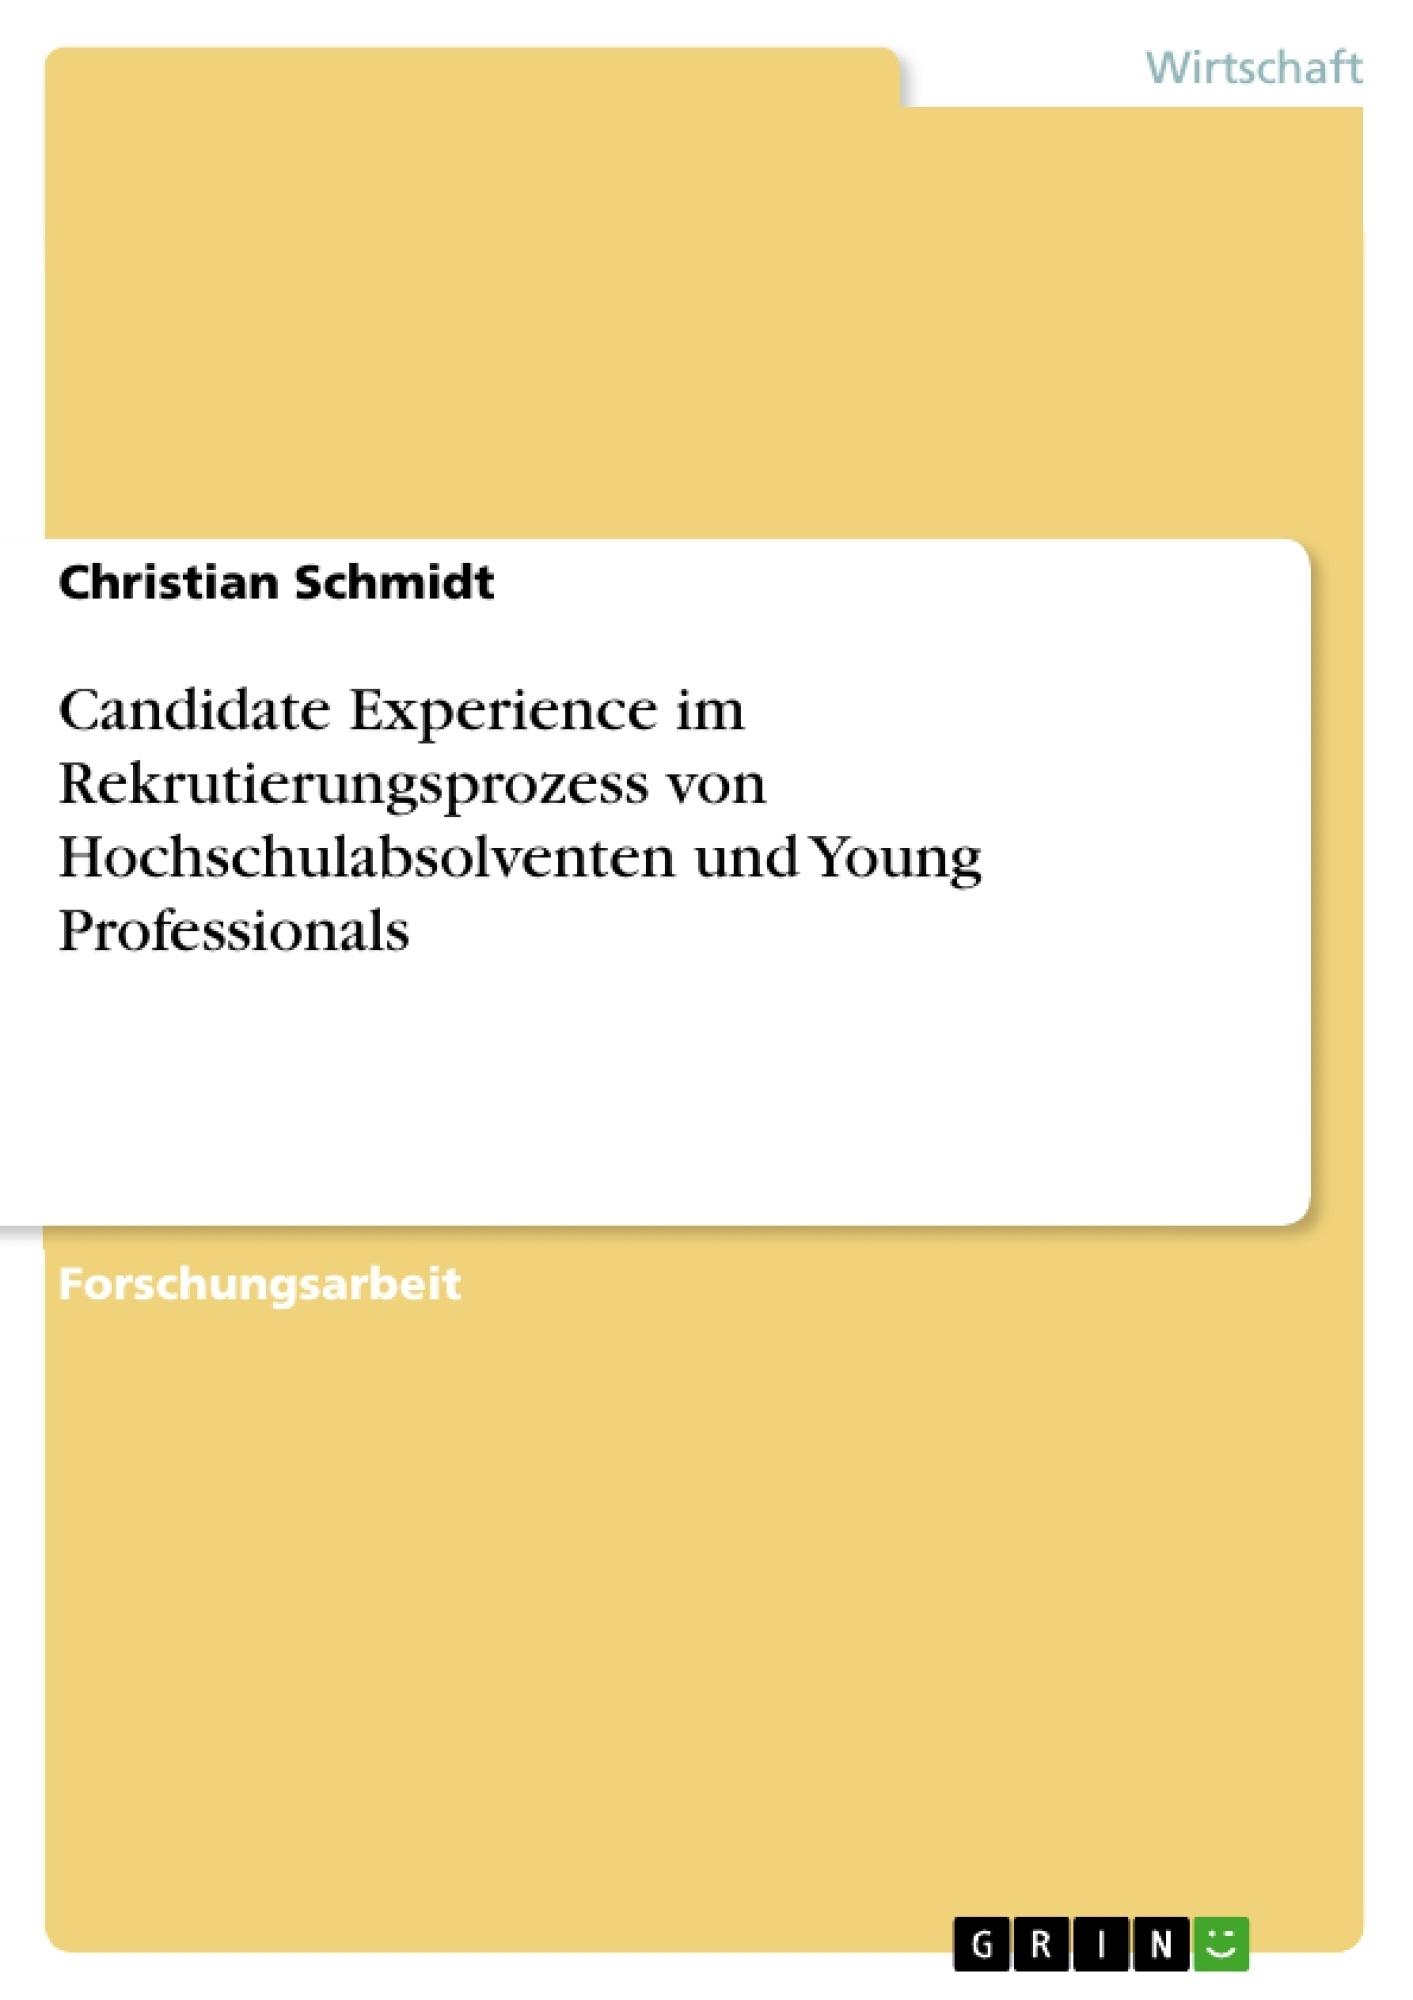 Titel: Candidate Experience im Rekrutierungsprozess von Hochschulabsolventen und Young Professionals